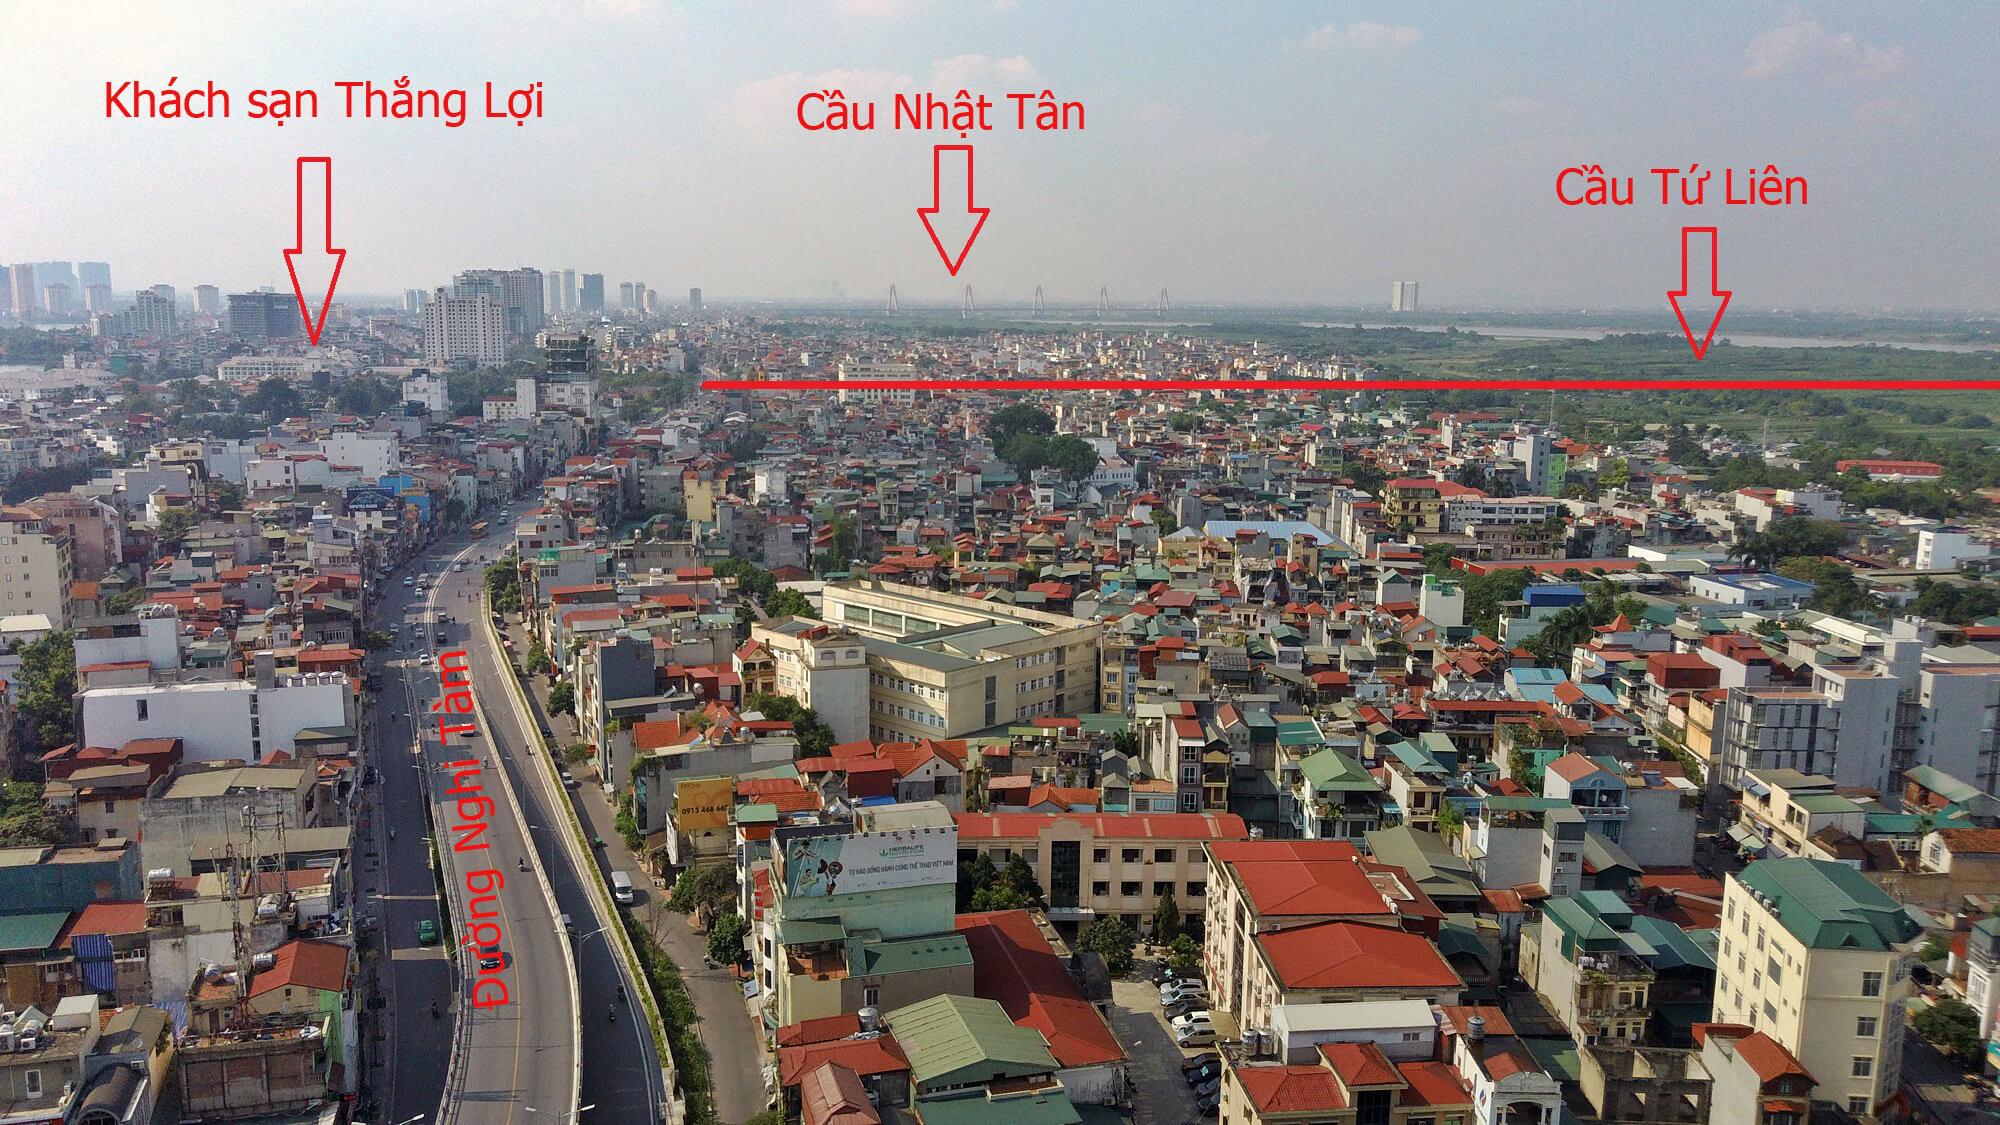 Nút giao ở chân cầu phía Hà Nội rất gần với khách sạn Thắng Lợi.